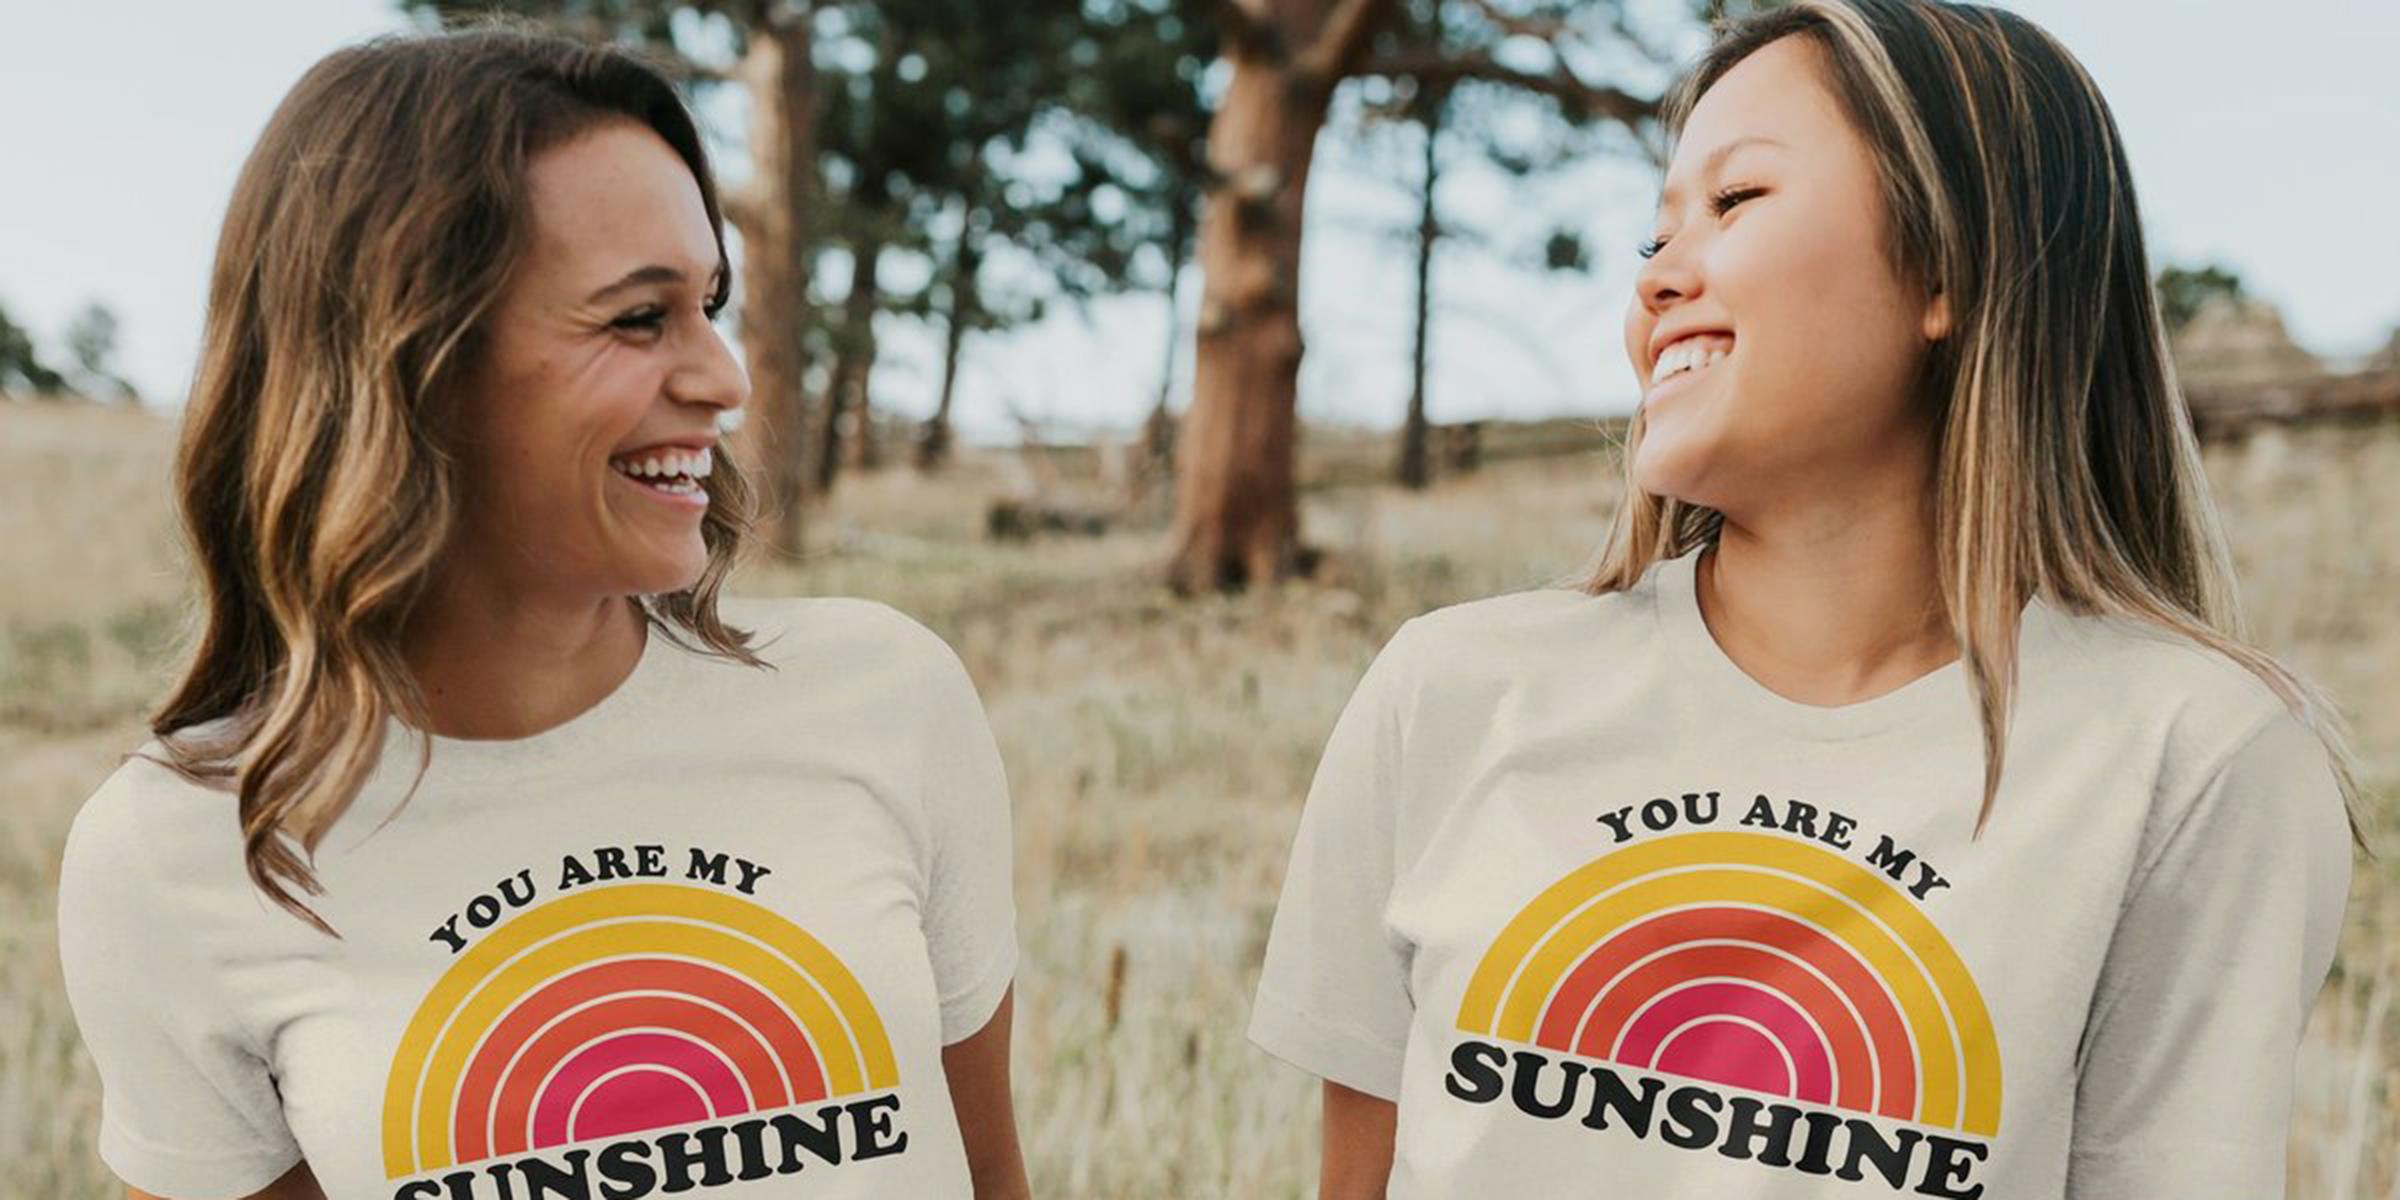 Women/'s T-Shirt You make me smile happy love Slogan Print TS1351